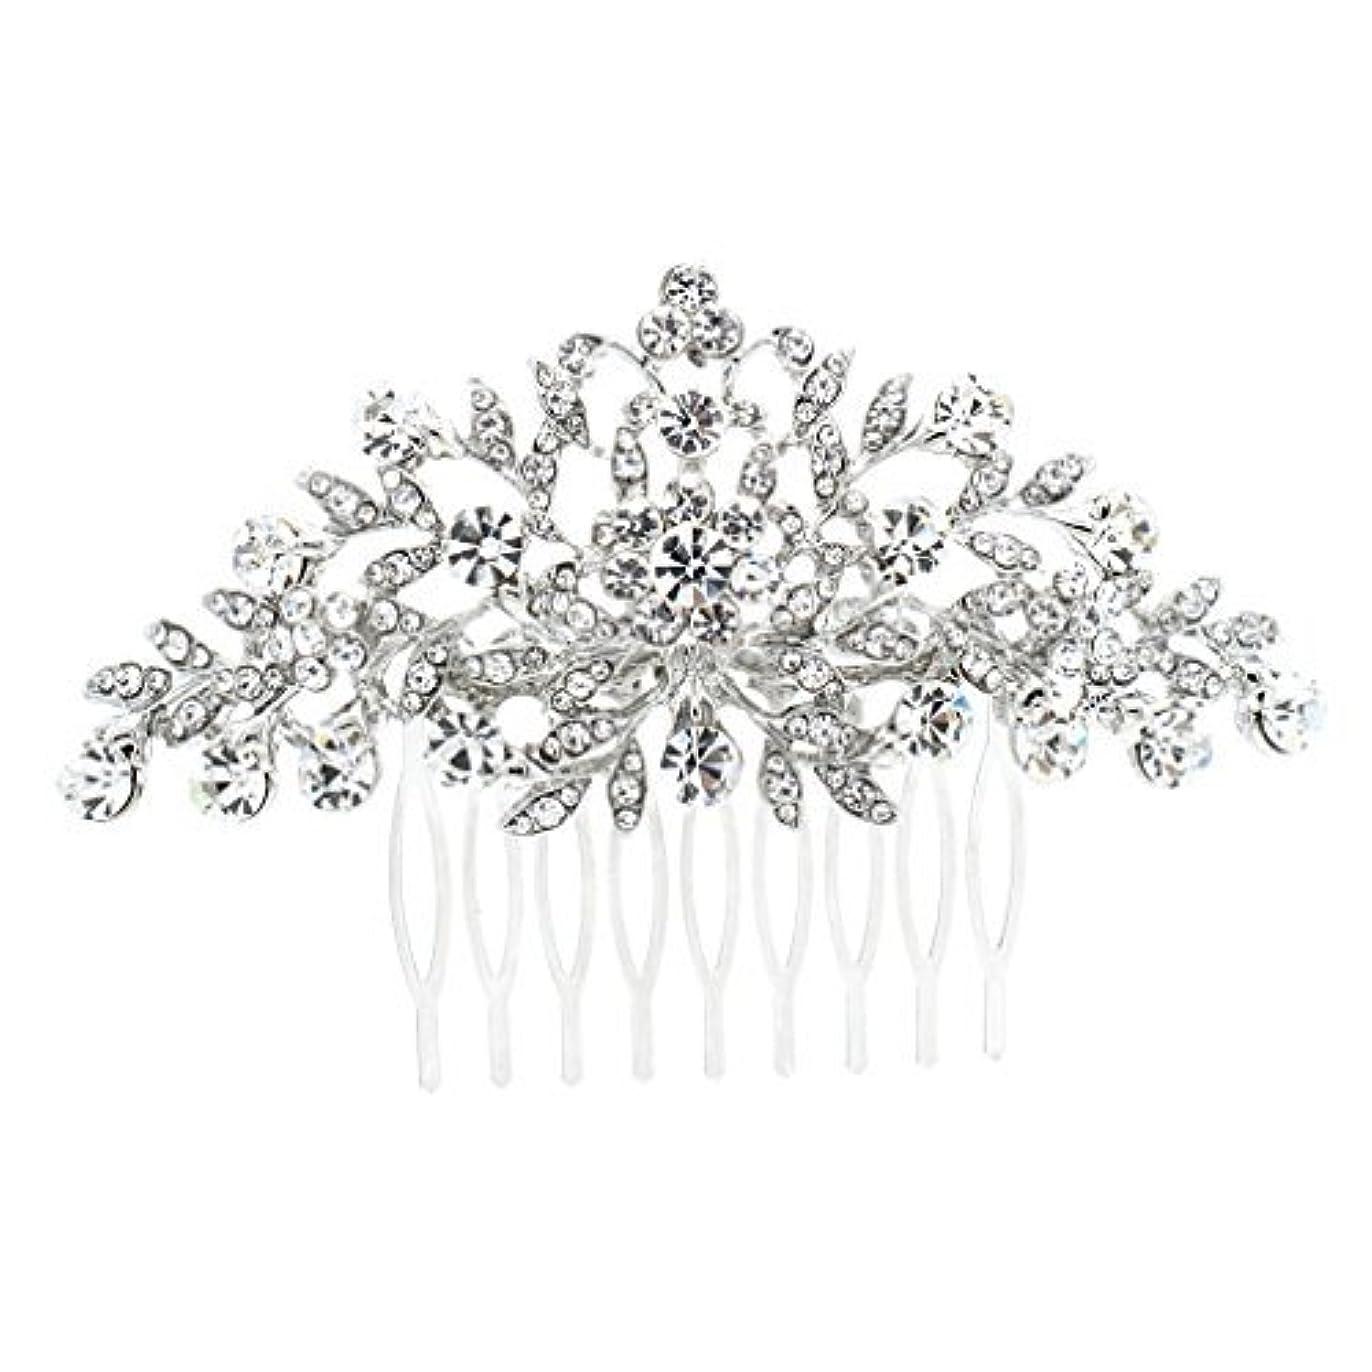 仕出します通信する欺SEPBRDIALS Rhinestone Crystal Hair Comb Pins Women Wedding Hair Jewelry Accessories FA2944 (Silver) [並行輸入品]